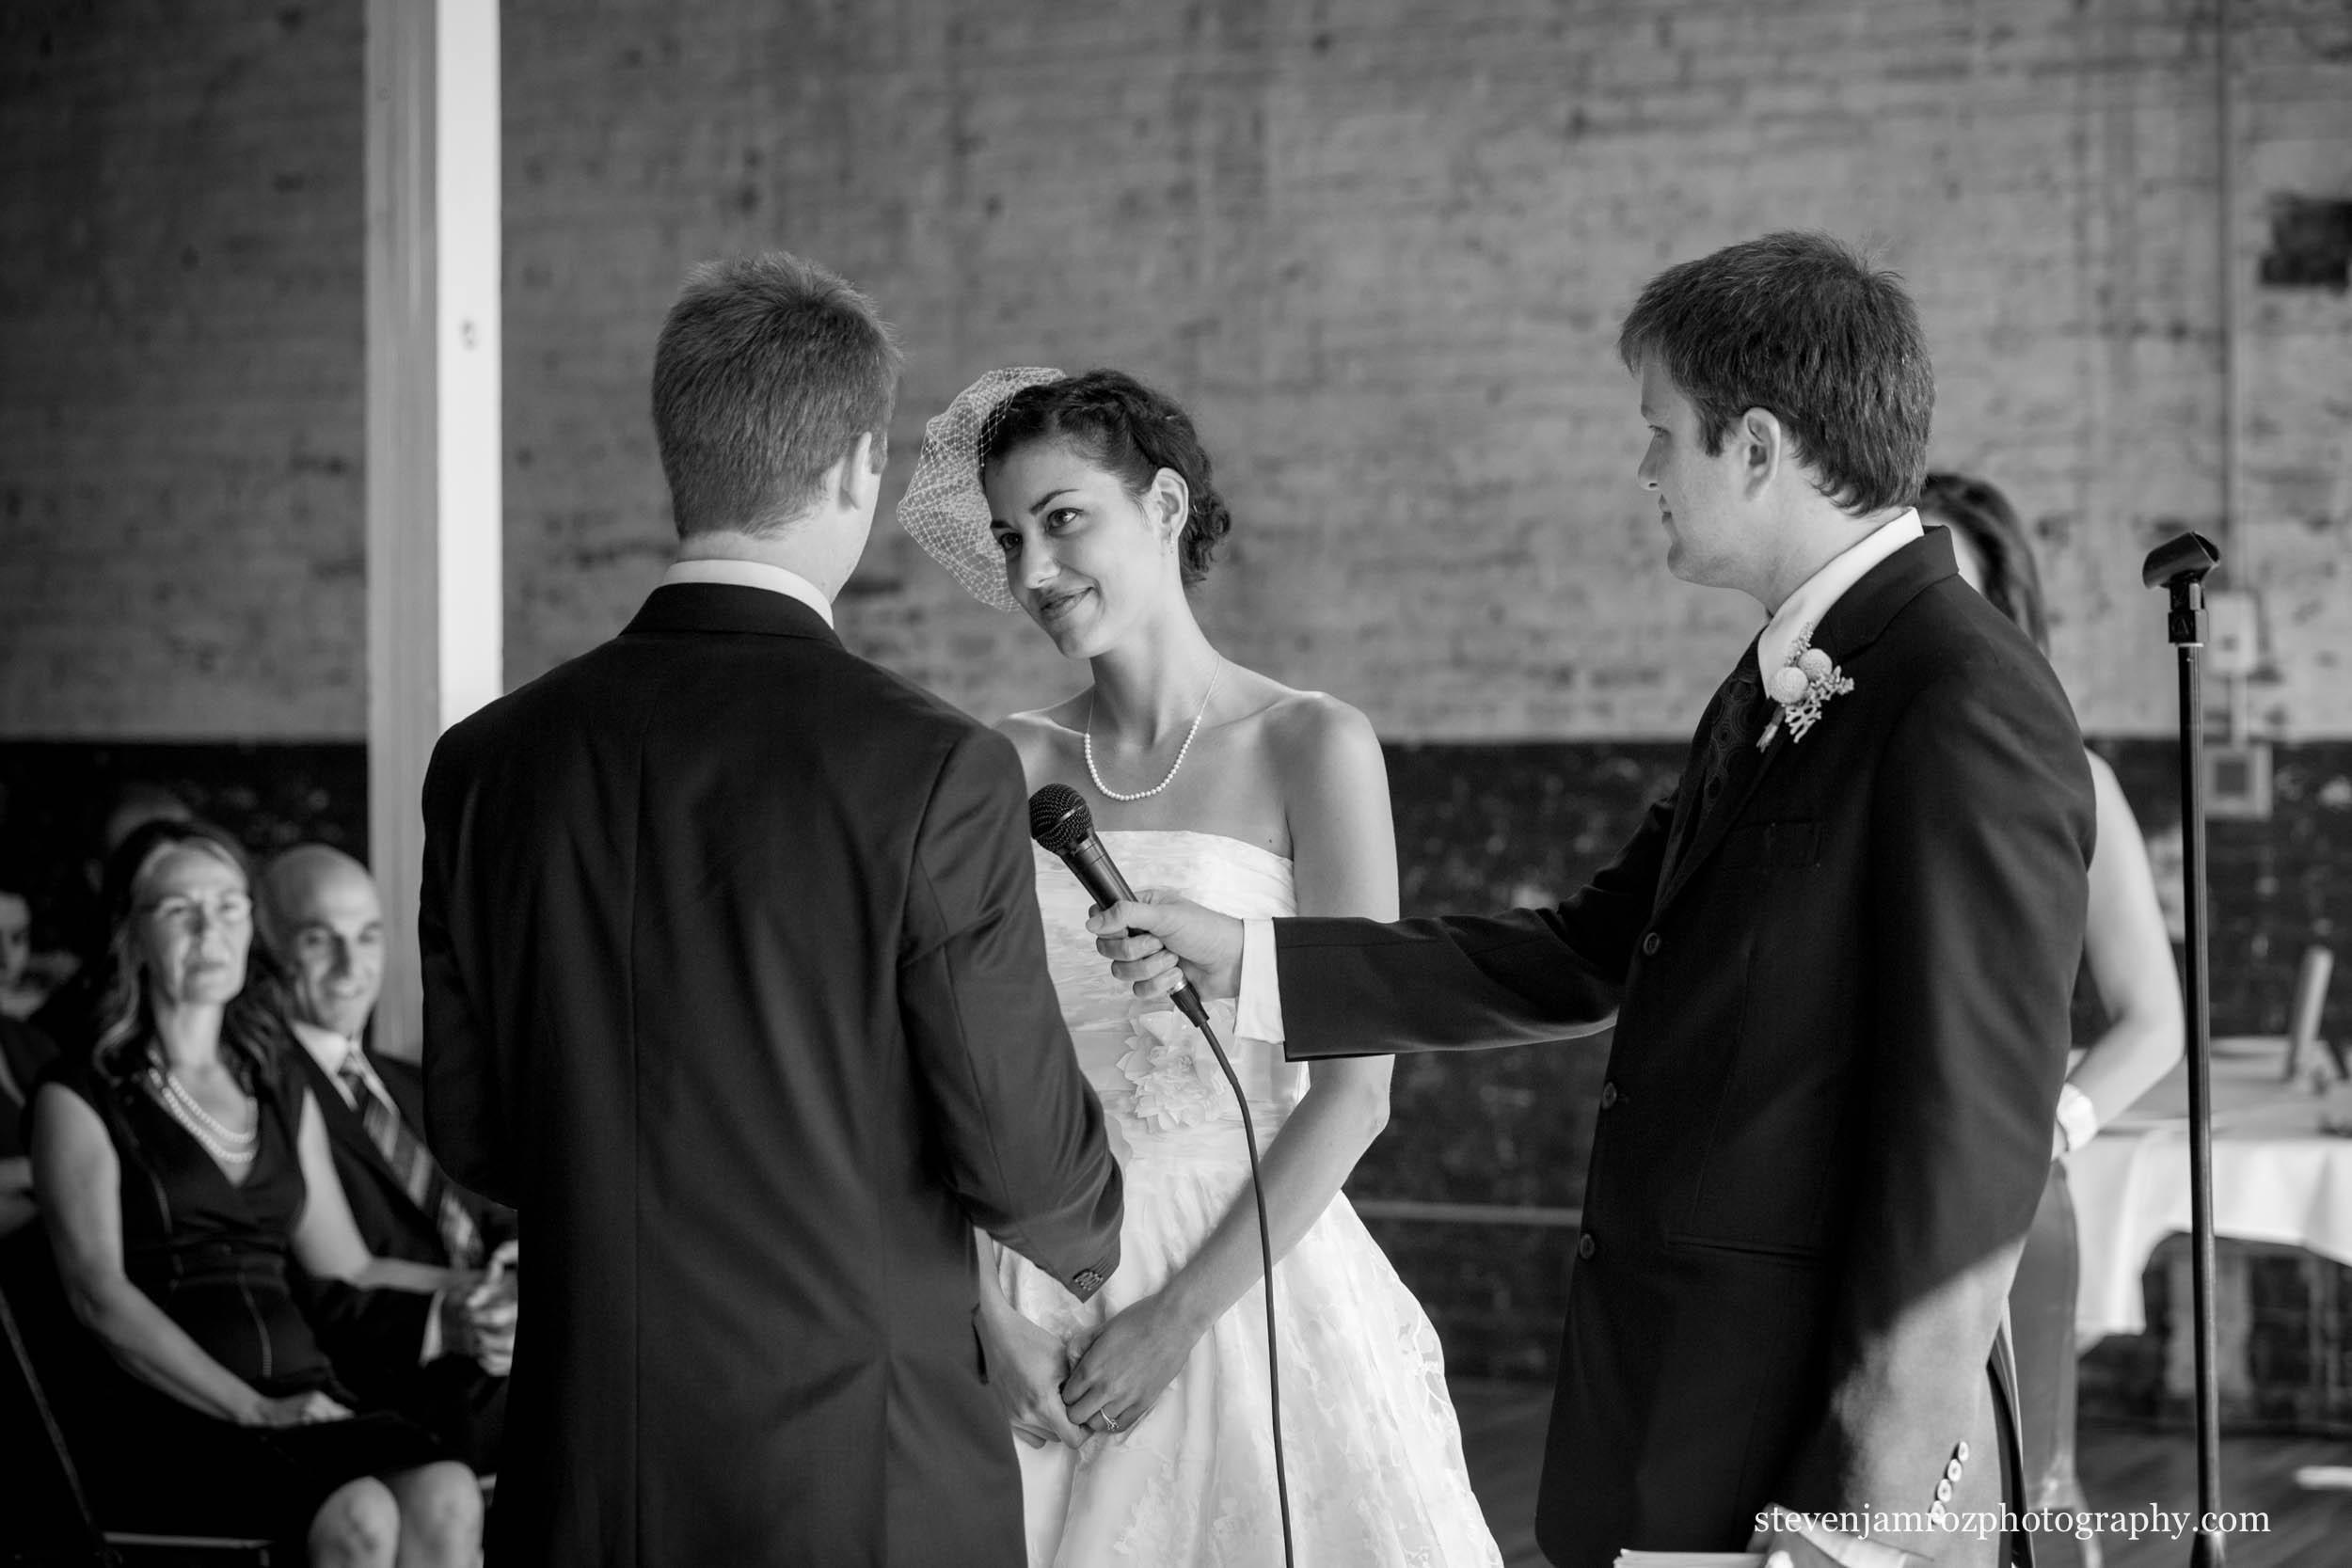 bride-groom-walking-yates-mill-wedding-venue-0818.jpg